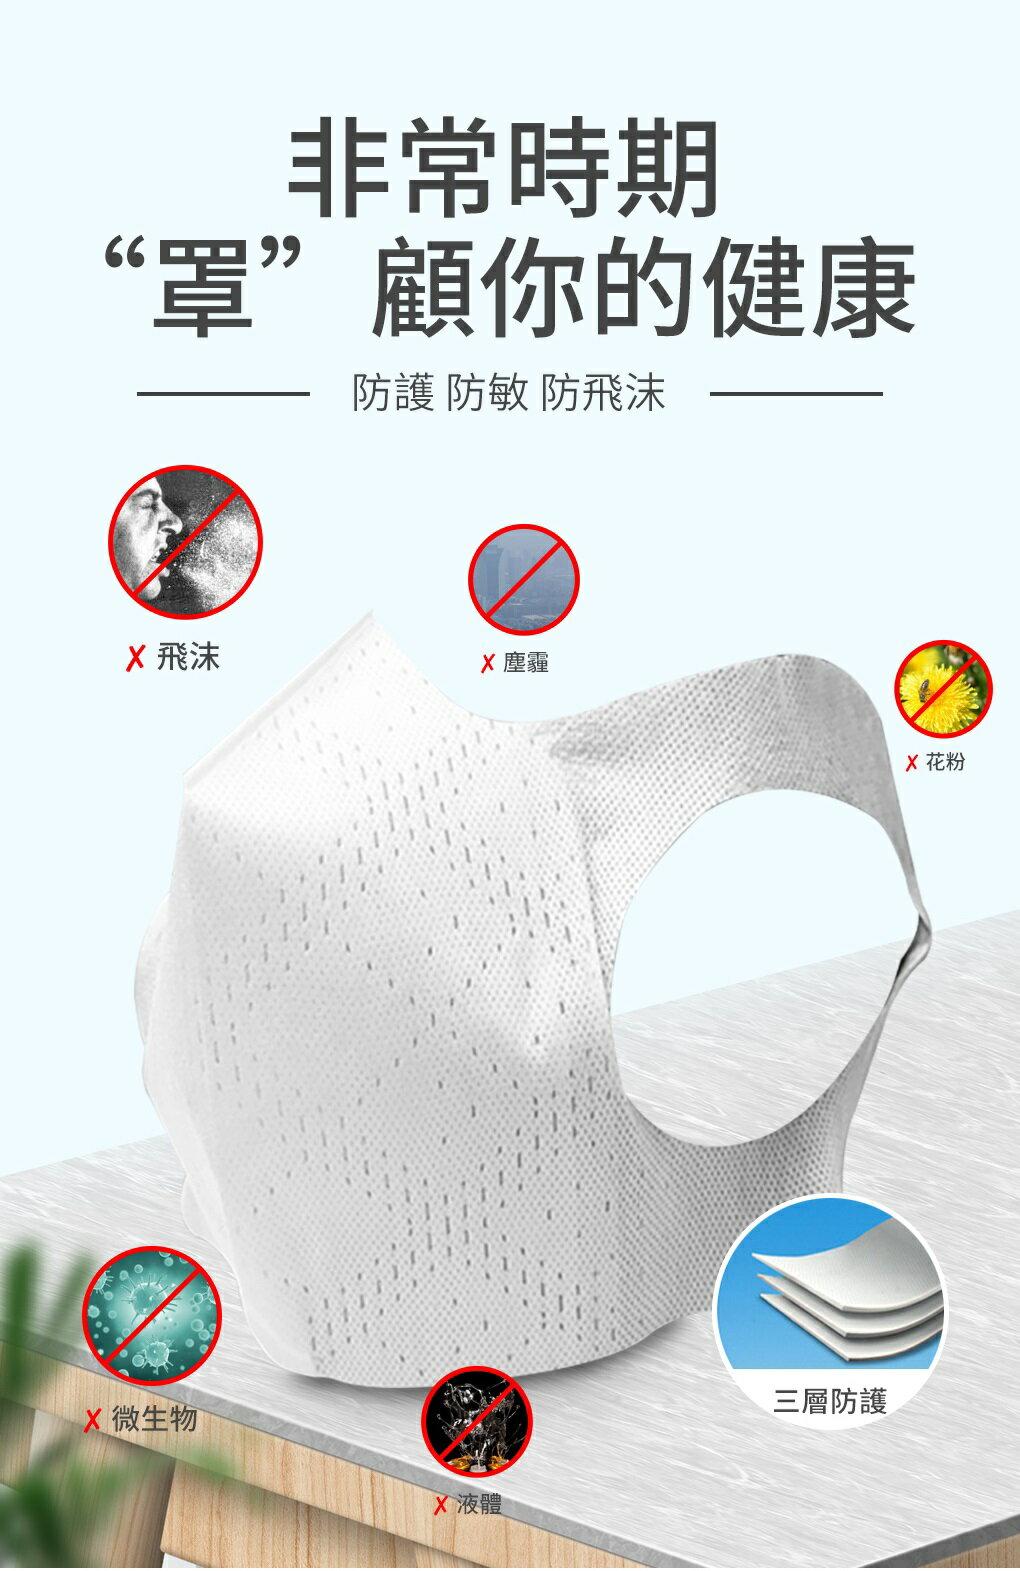 【10倍點數】台灣製MIT 防疫必備 連鎖速食餐飲專用 外銷日本 口罩  三層結構防護全罩3D立體口罩 #非醫療級商品 2